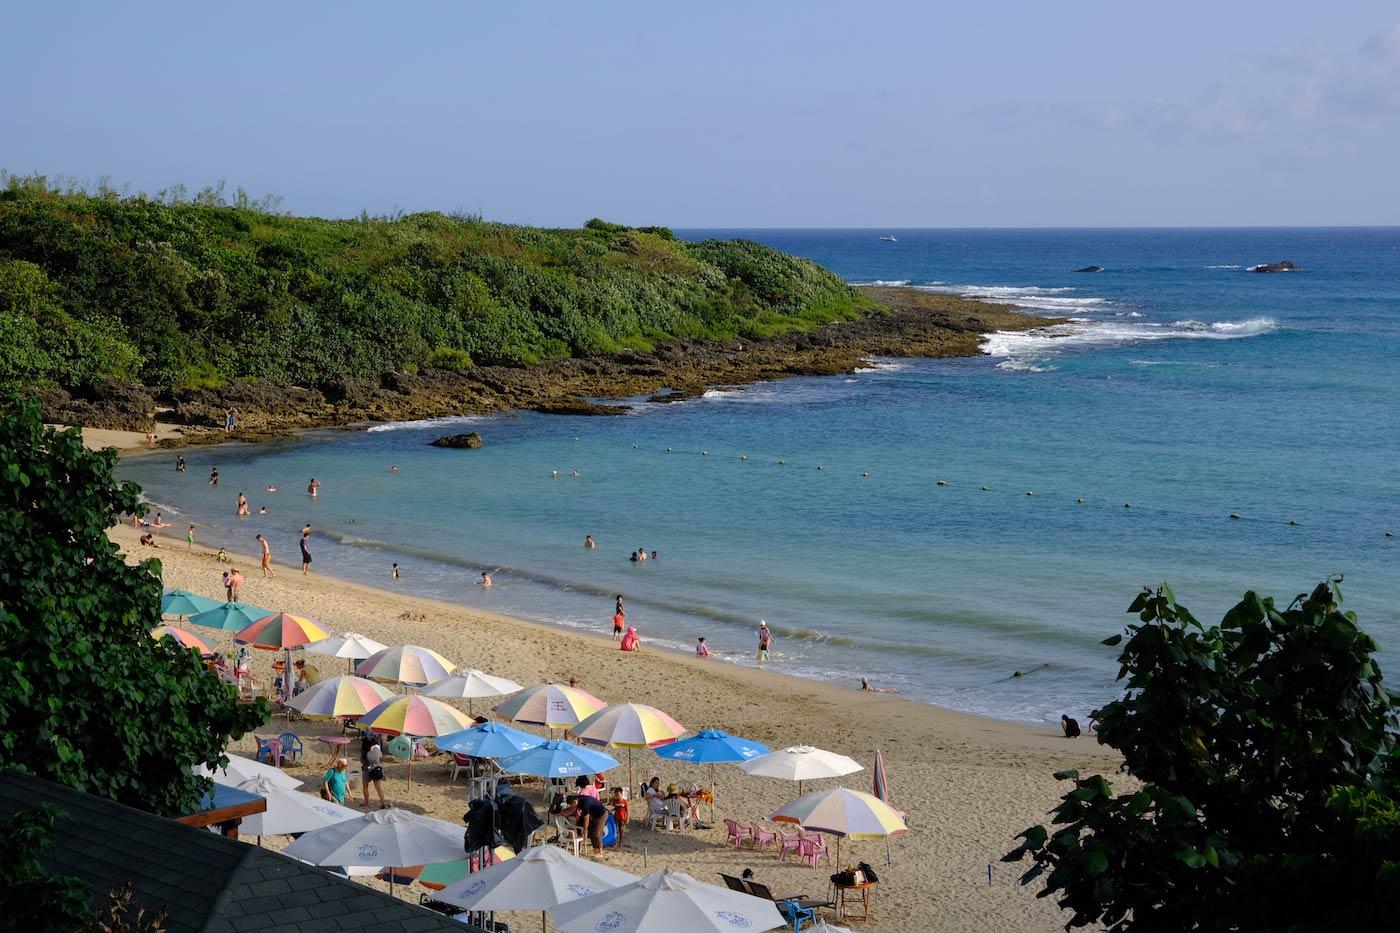 xiaowan beach beauty